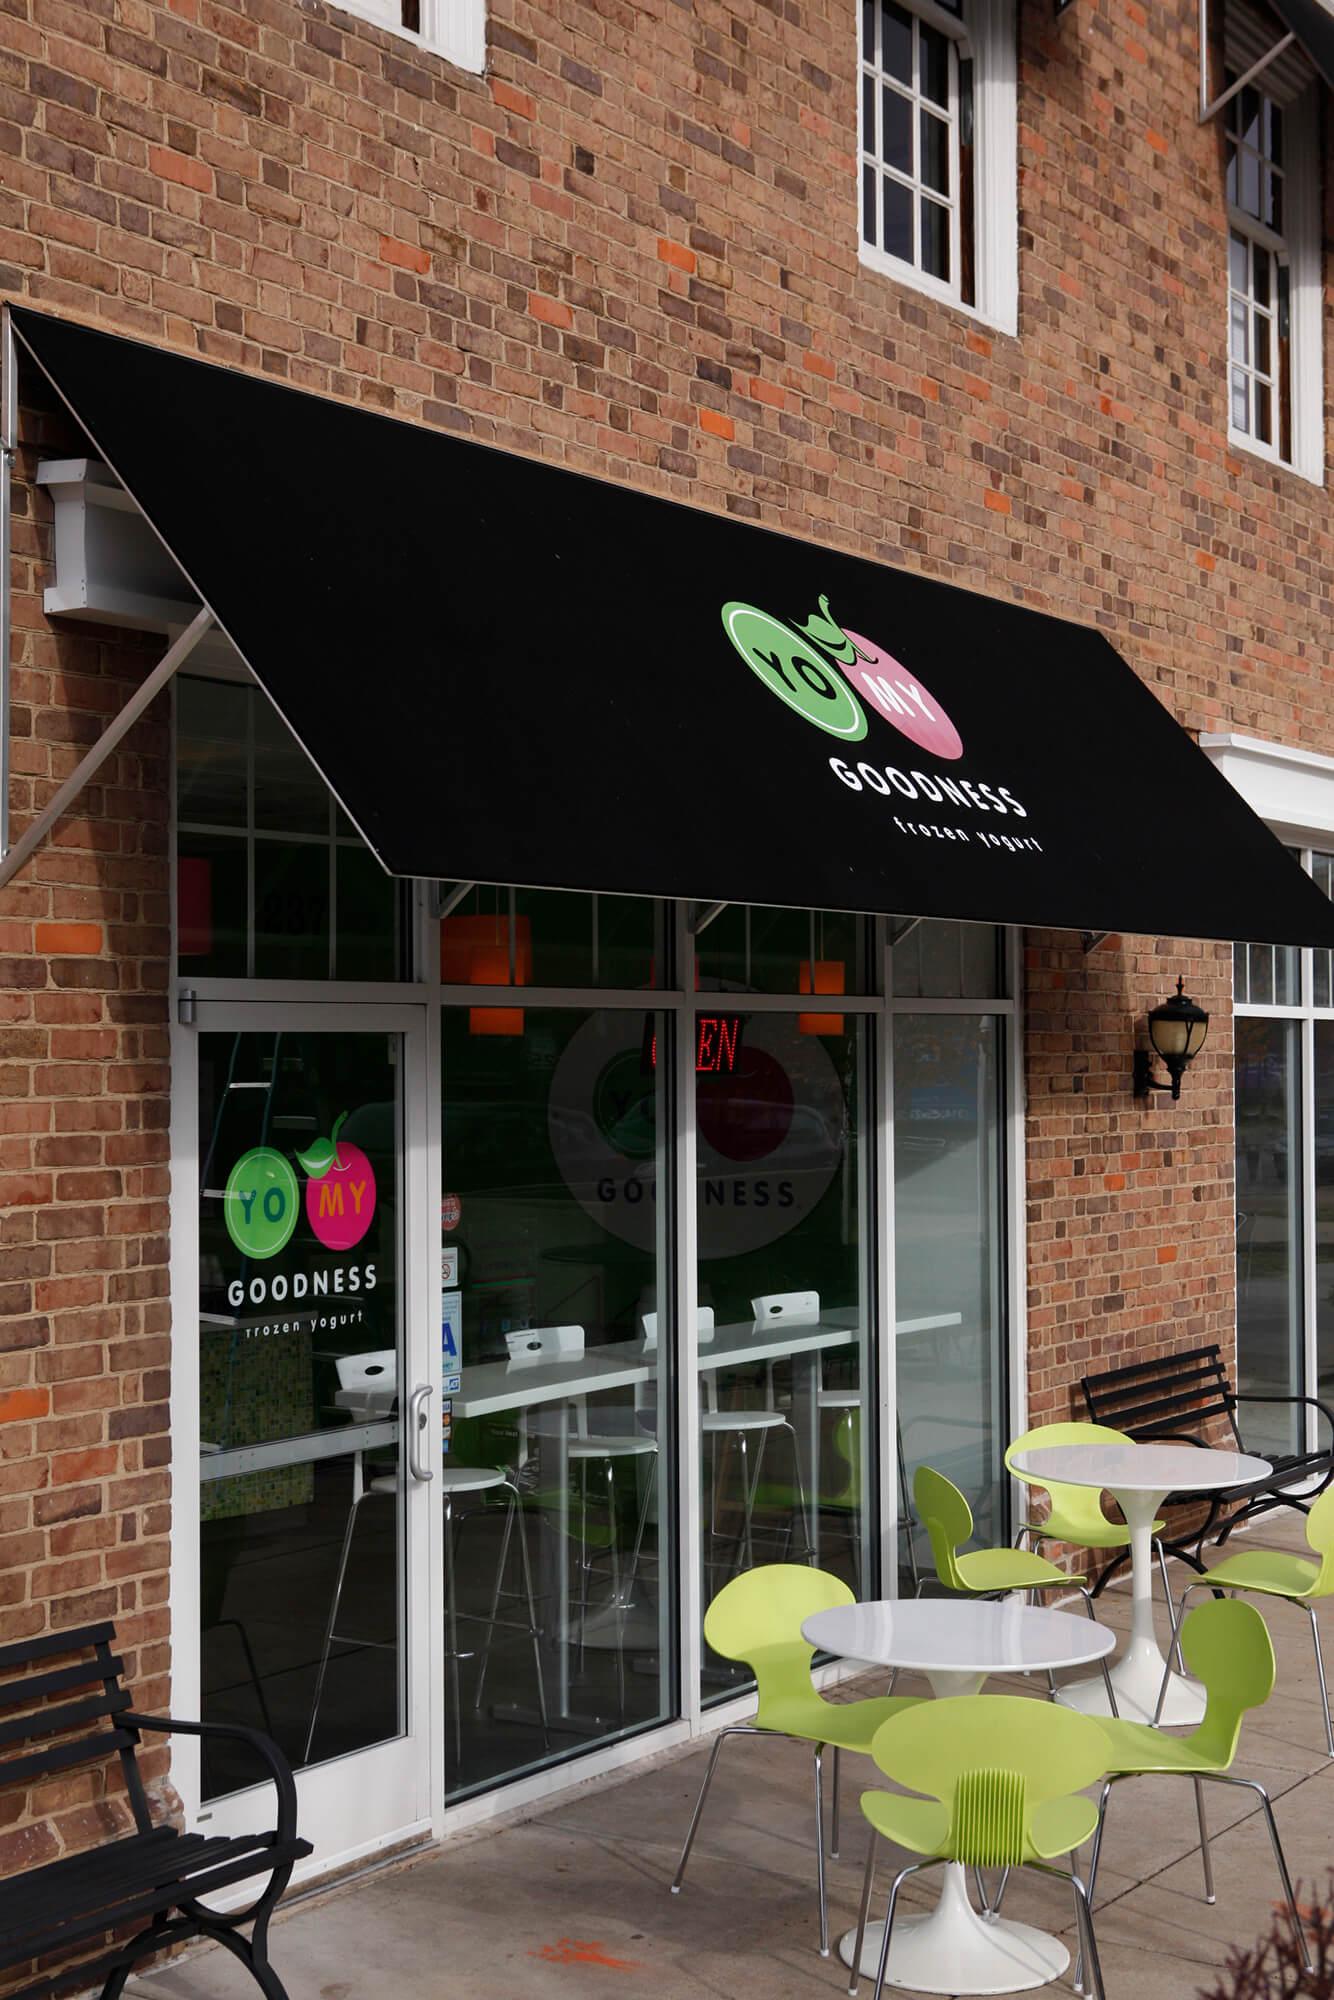 Una tienda de yogur recibe a sus clientes con un toldo negro con gráficos